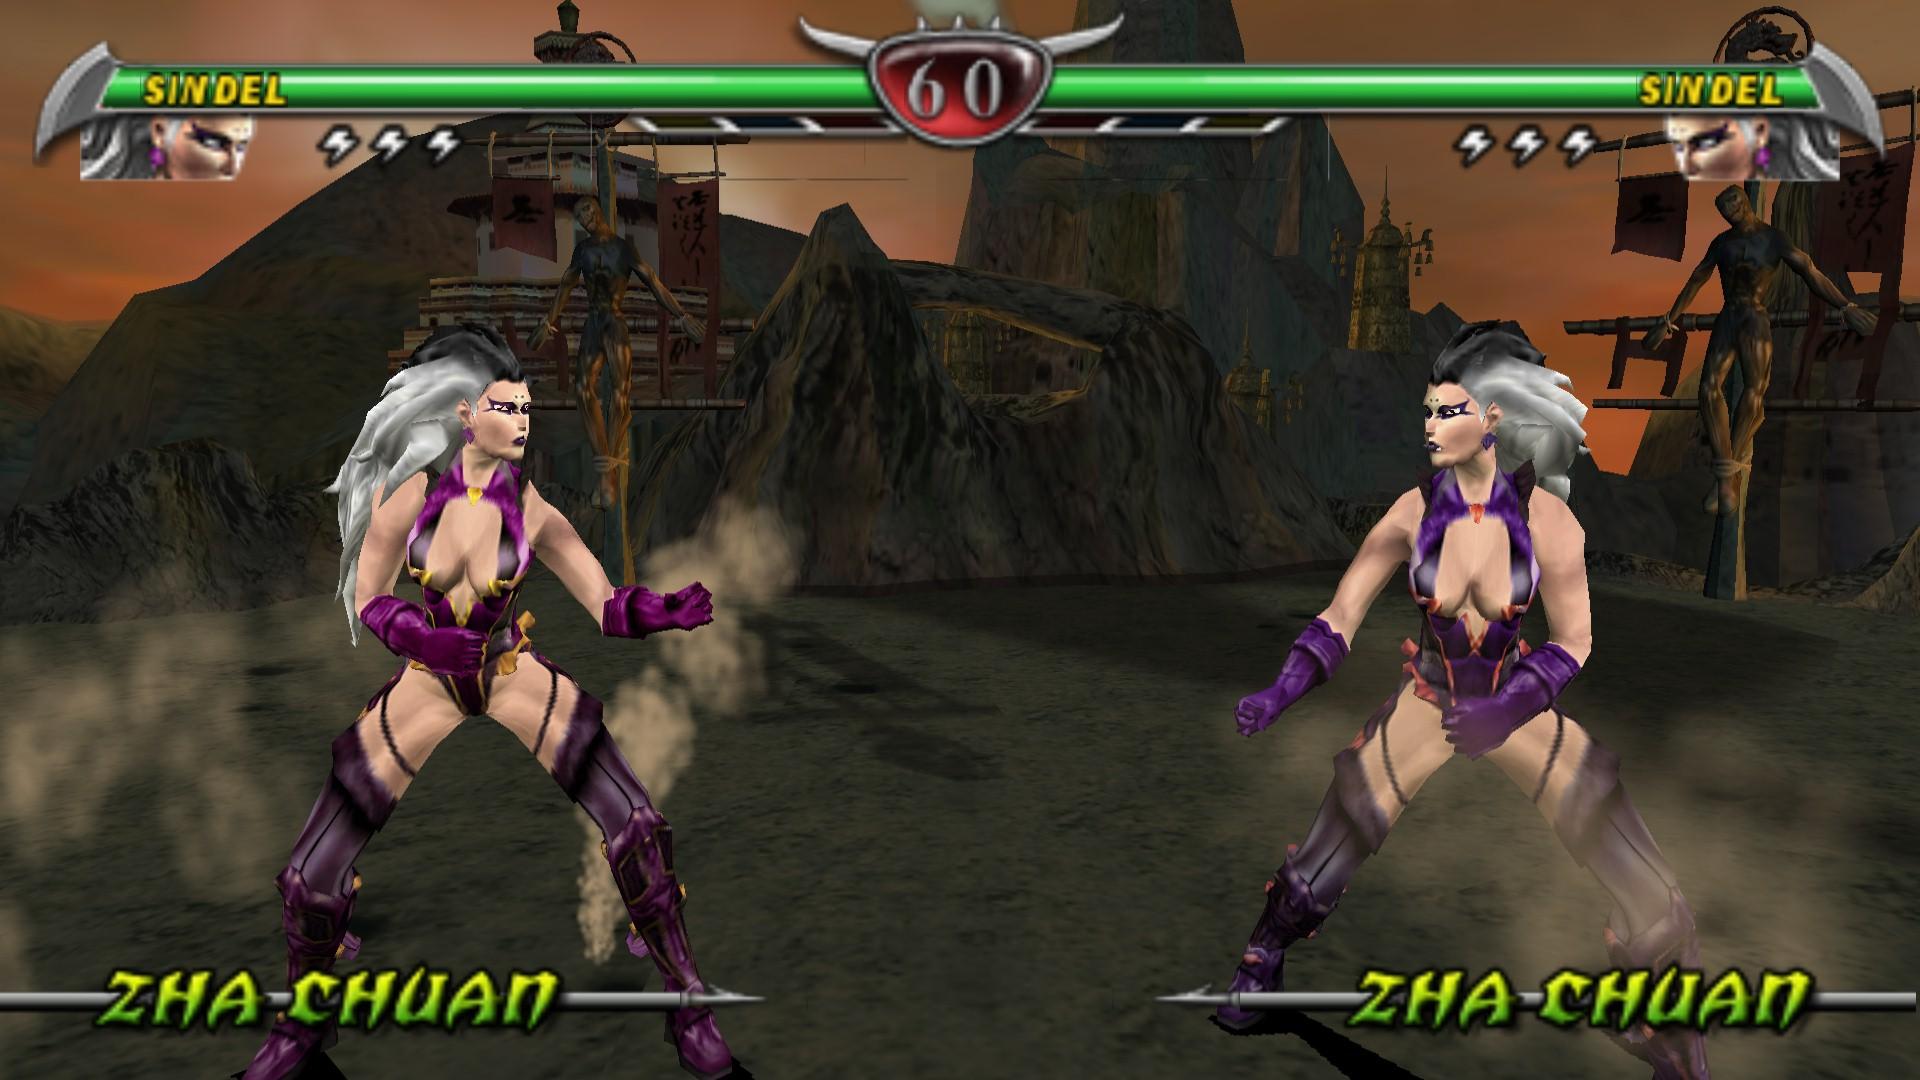 Mortal Kombat: Shaolin Monks - PS2 - Portal Roms